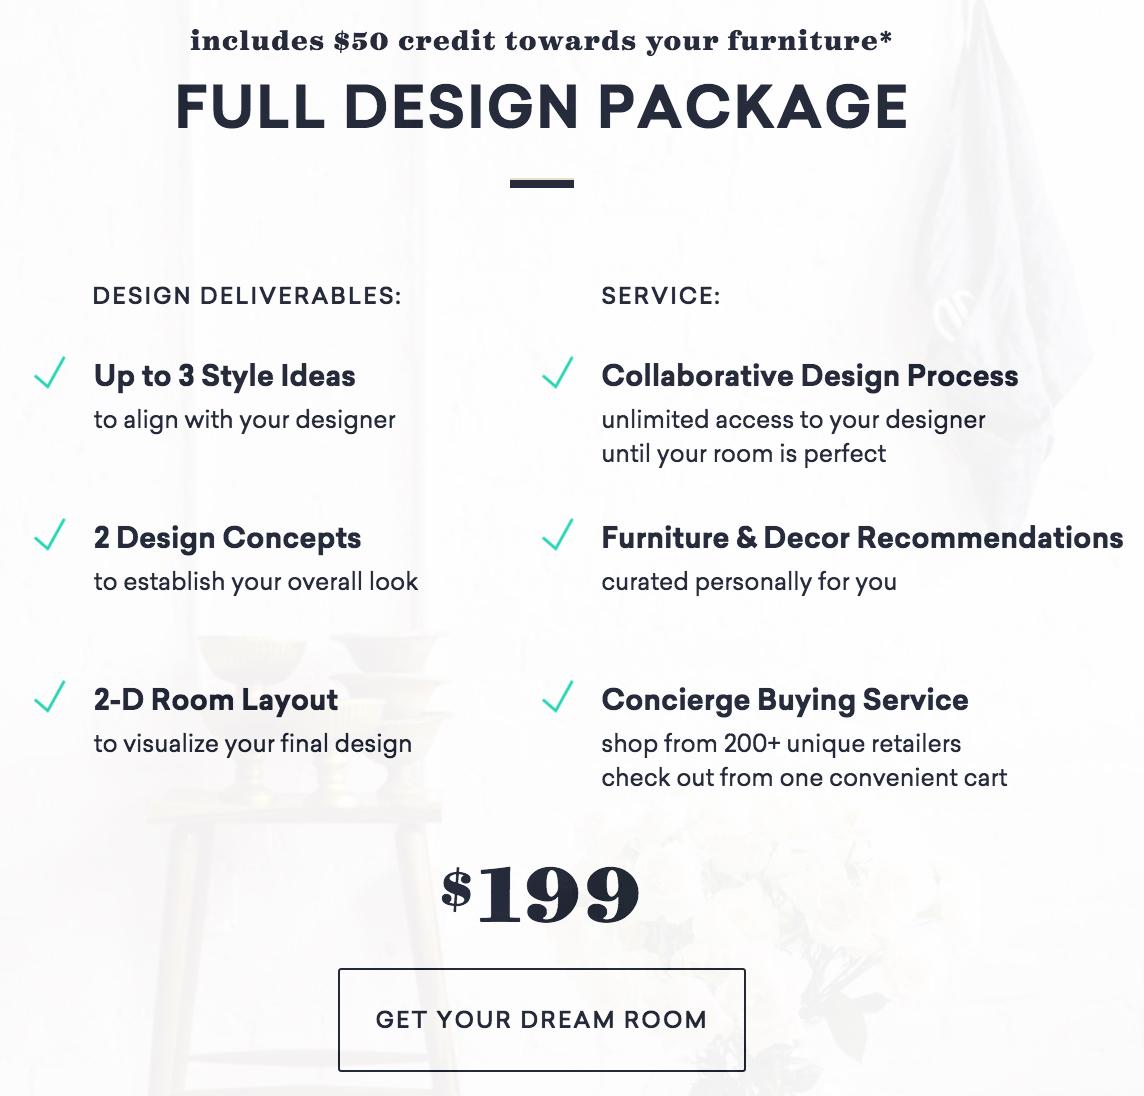 havenly-effortless-online-interior-design-and-home-inspiration-havenly-2016-11-14-10-15-14